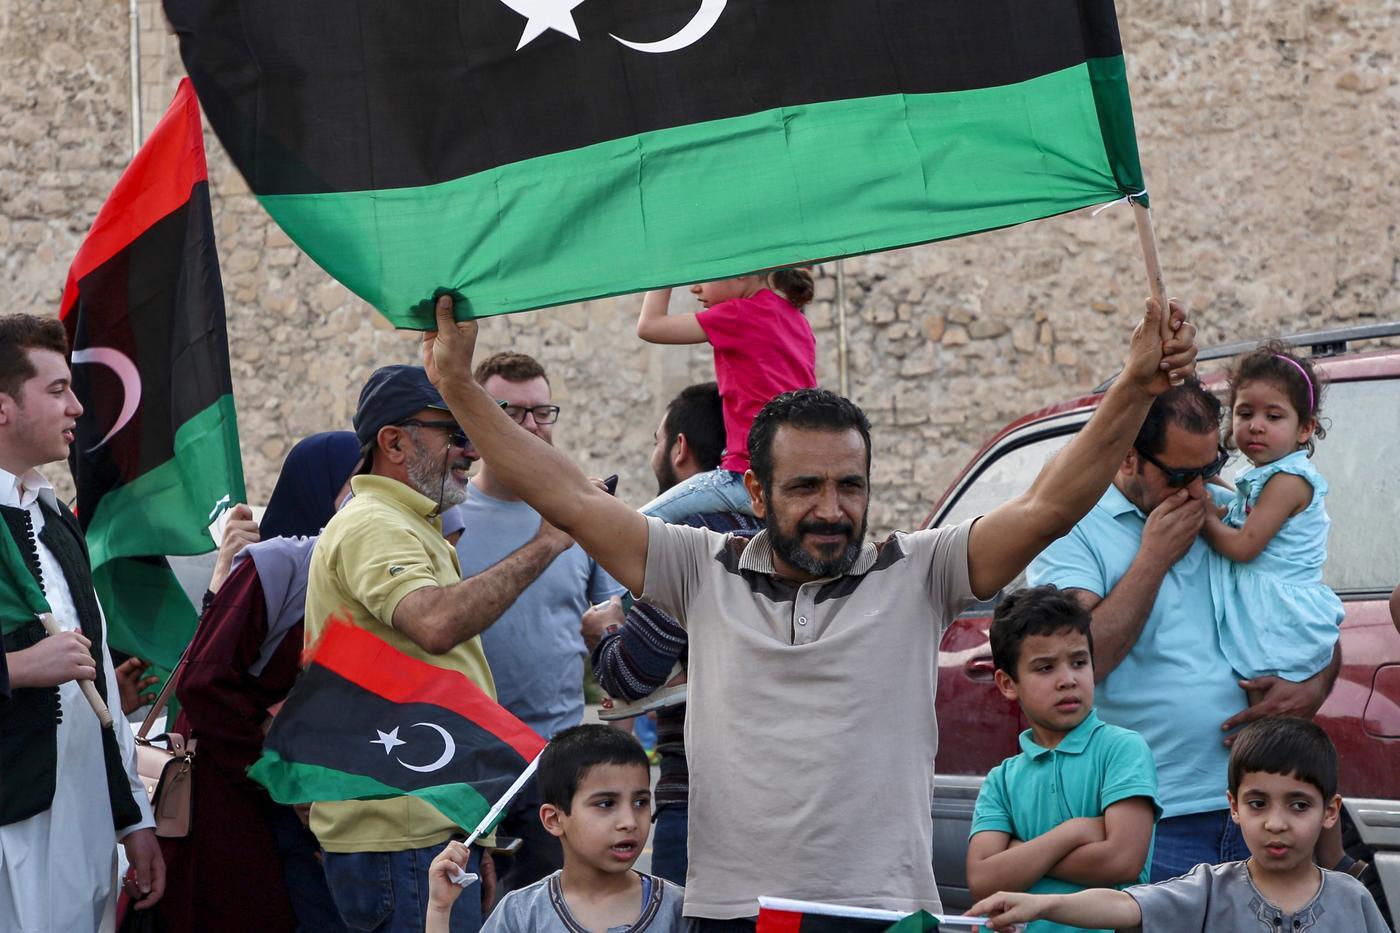 Un homme brandit un drapeau national libyen au cours de célébrations dans la capitale Tripoli, après que le Gouvernement d'union nationale (GNA) reconnu par l'ONU a déclaré avoir repris le contrôle total de la capitale le 4juin (AFP)